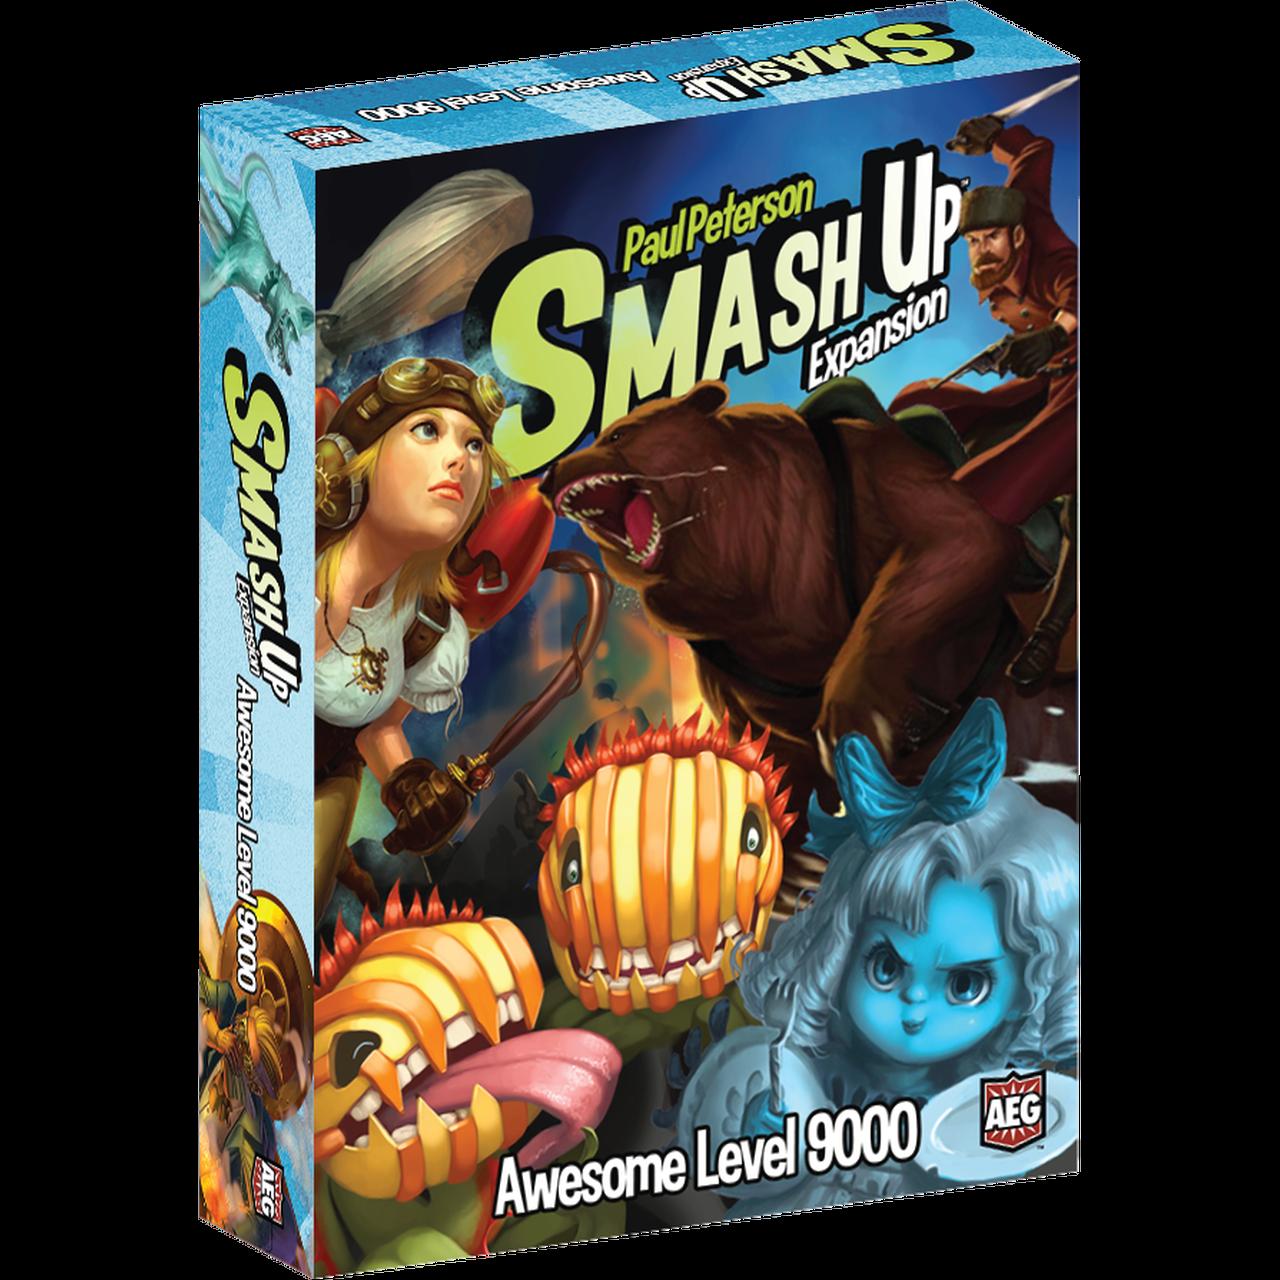 Smash Up Awesome Level 9000 1